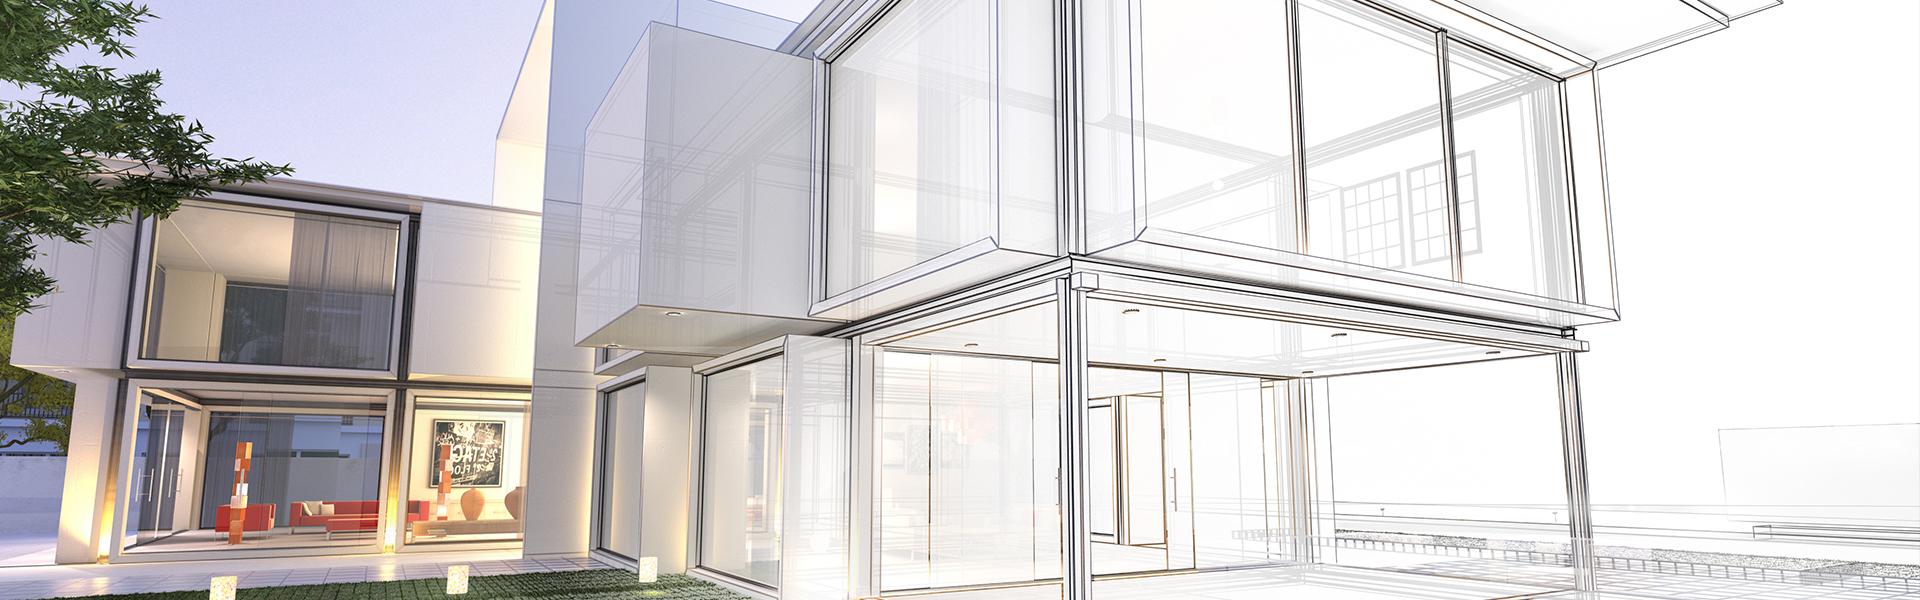 Soluciones eficientes para las instalaciones de ventanas